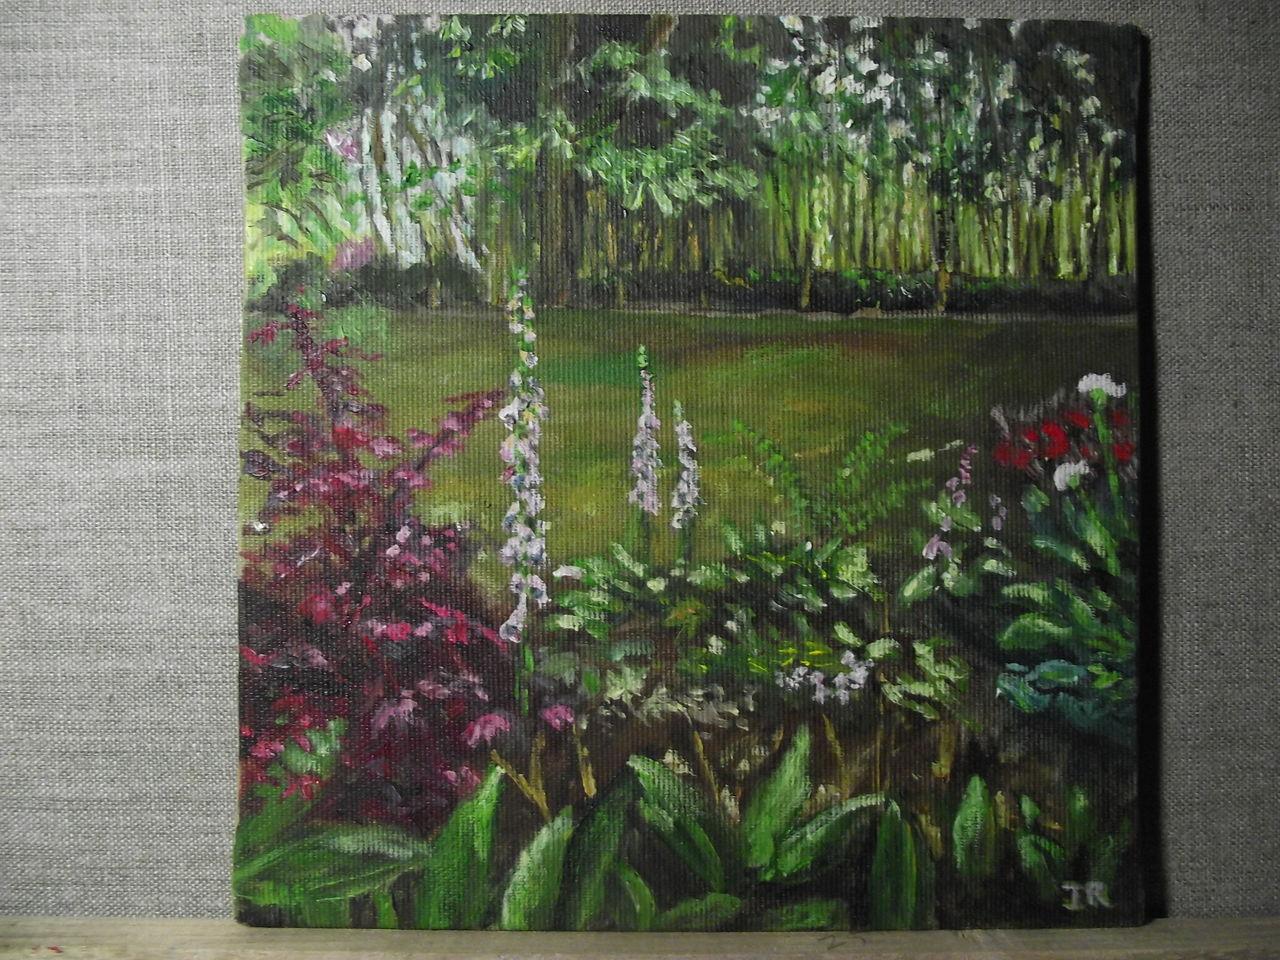 giverny i blumen licht schatten pflanzen von jutta reddington bei kunstnet. Black Bedroom Furniture Sets. Home Design Ideas